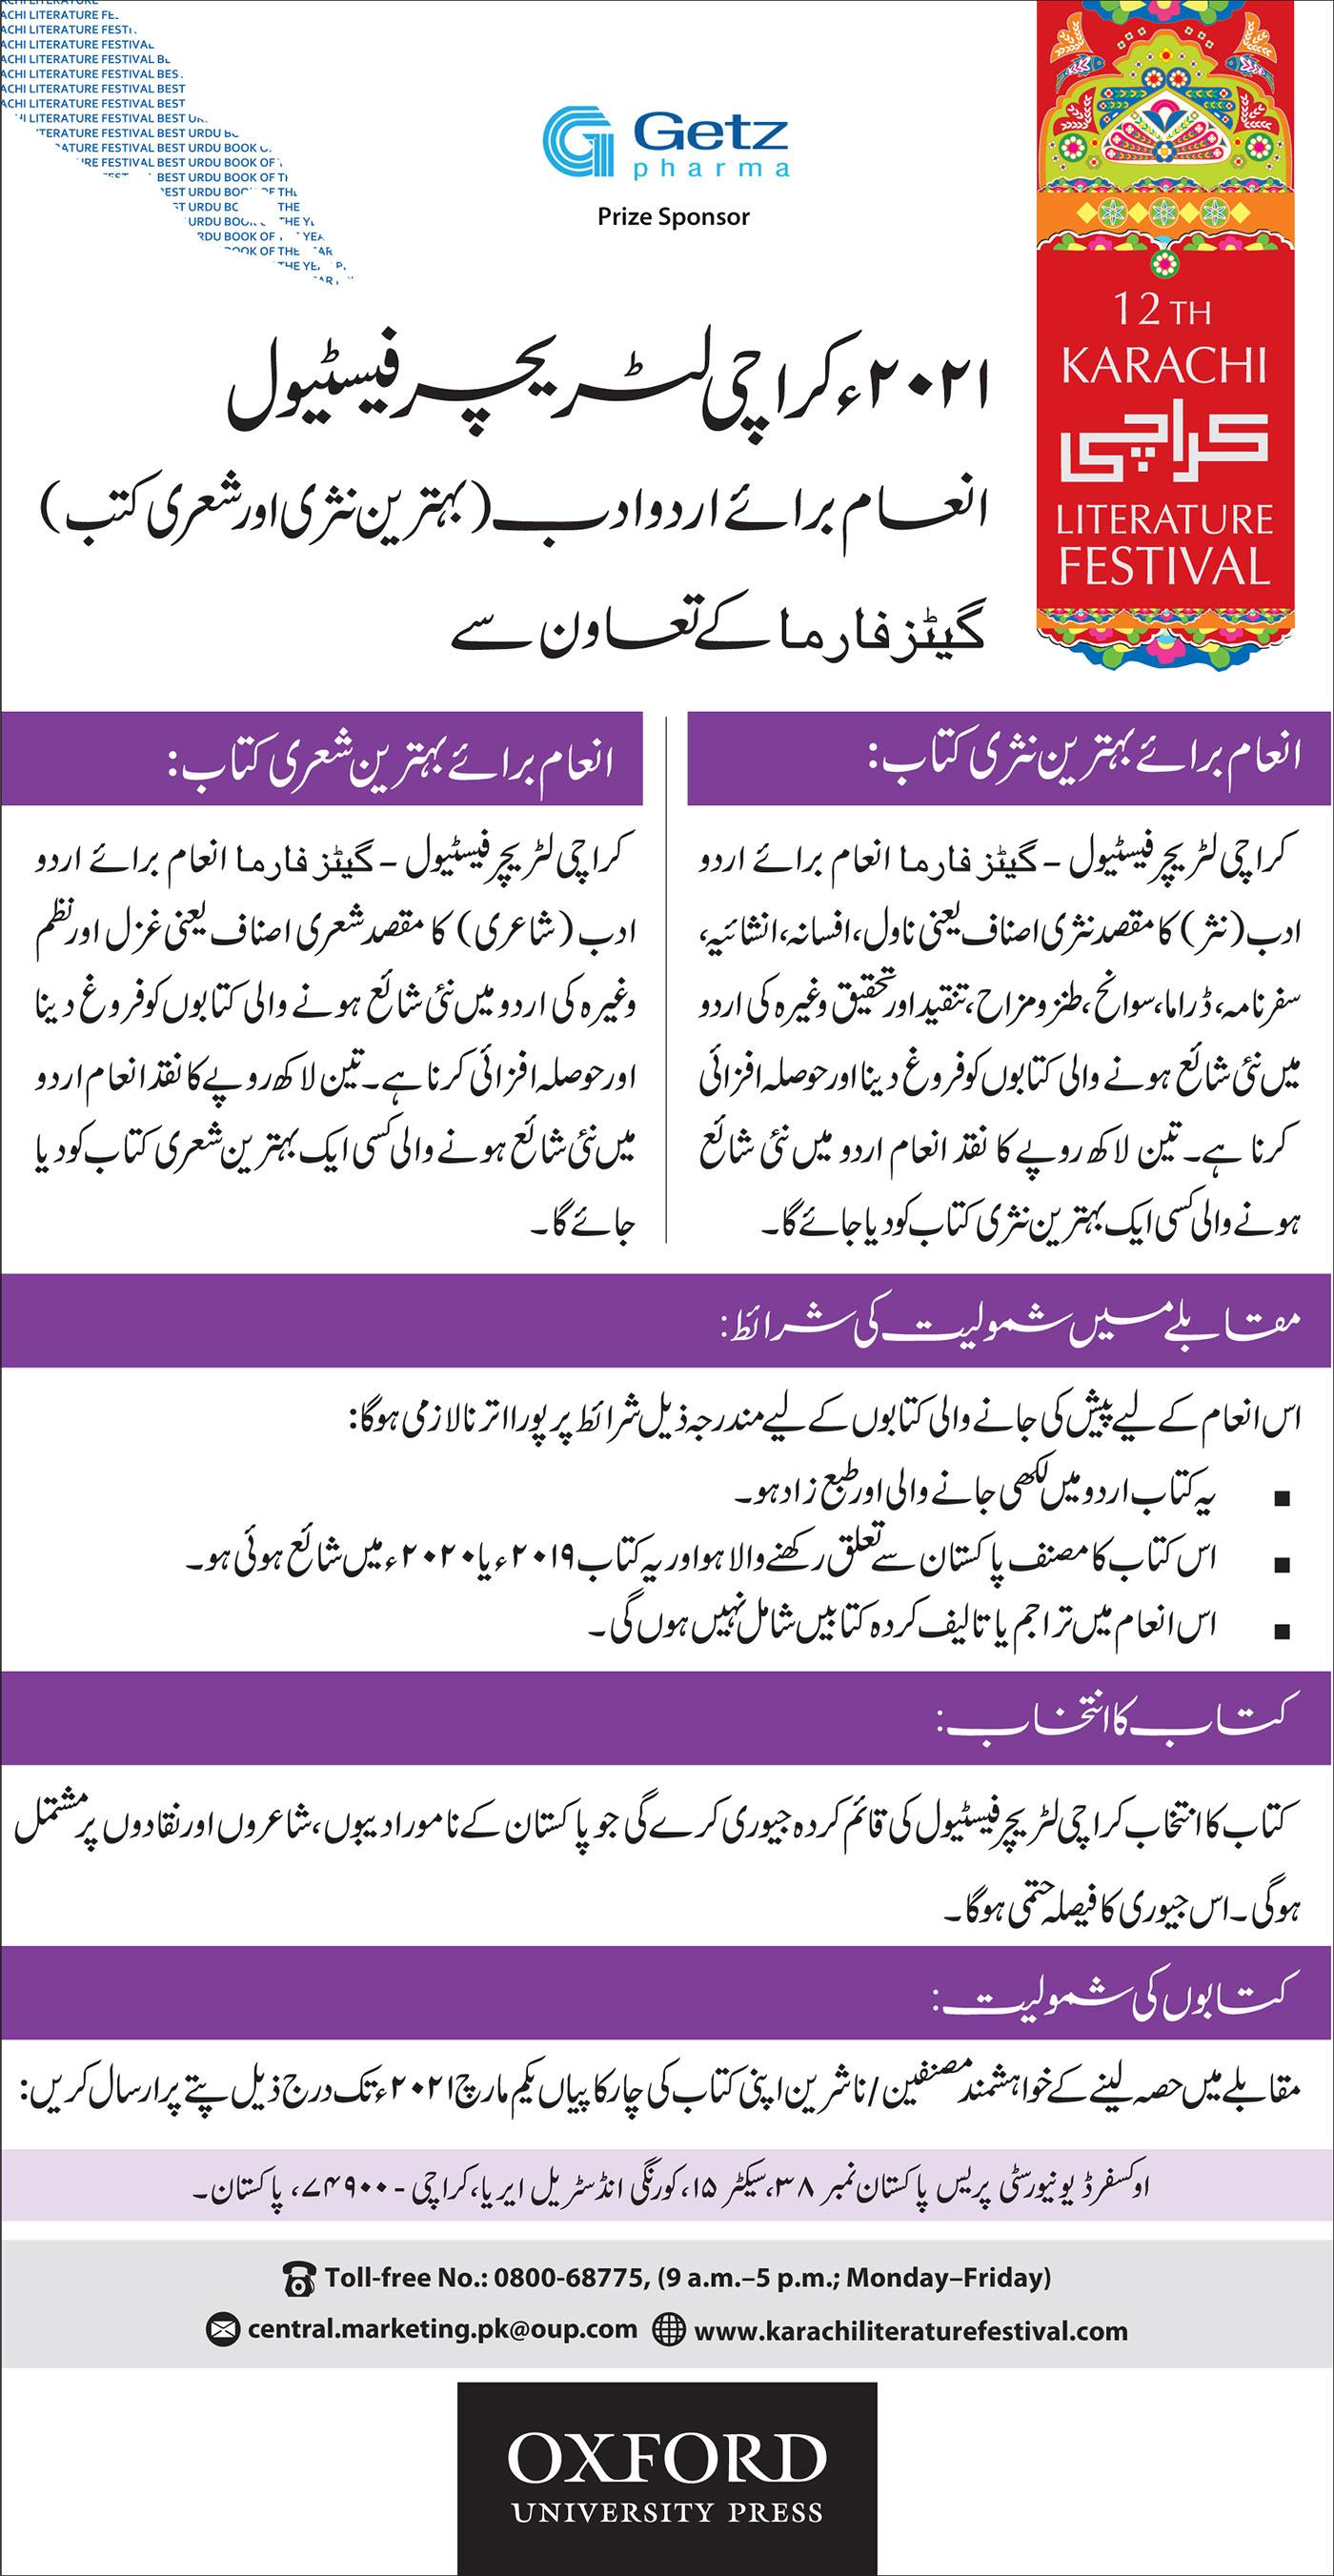 Getz Pharma Urdu Prize